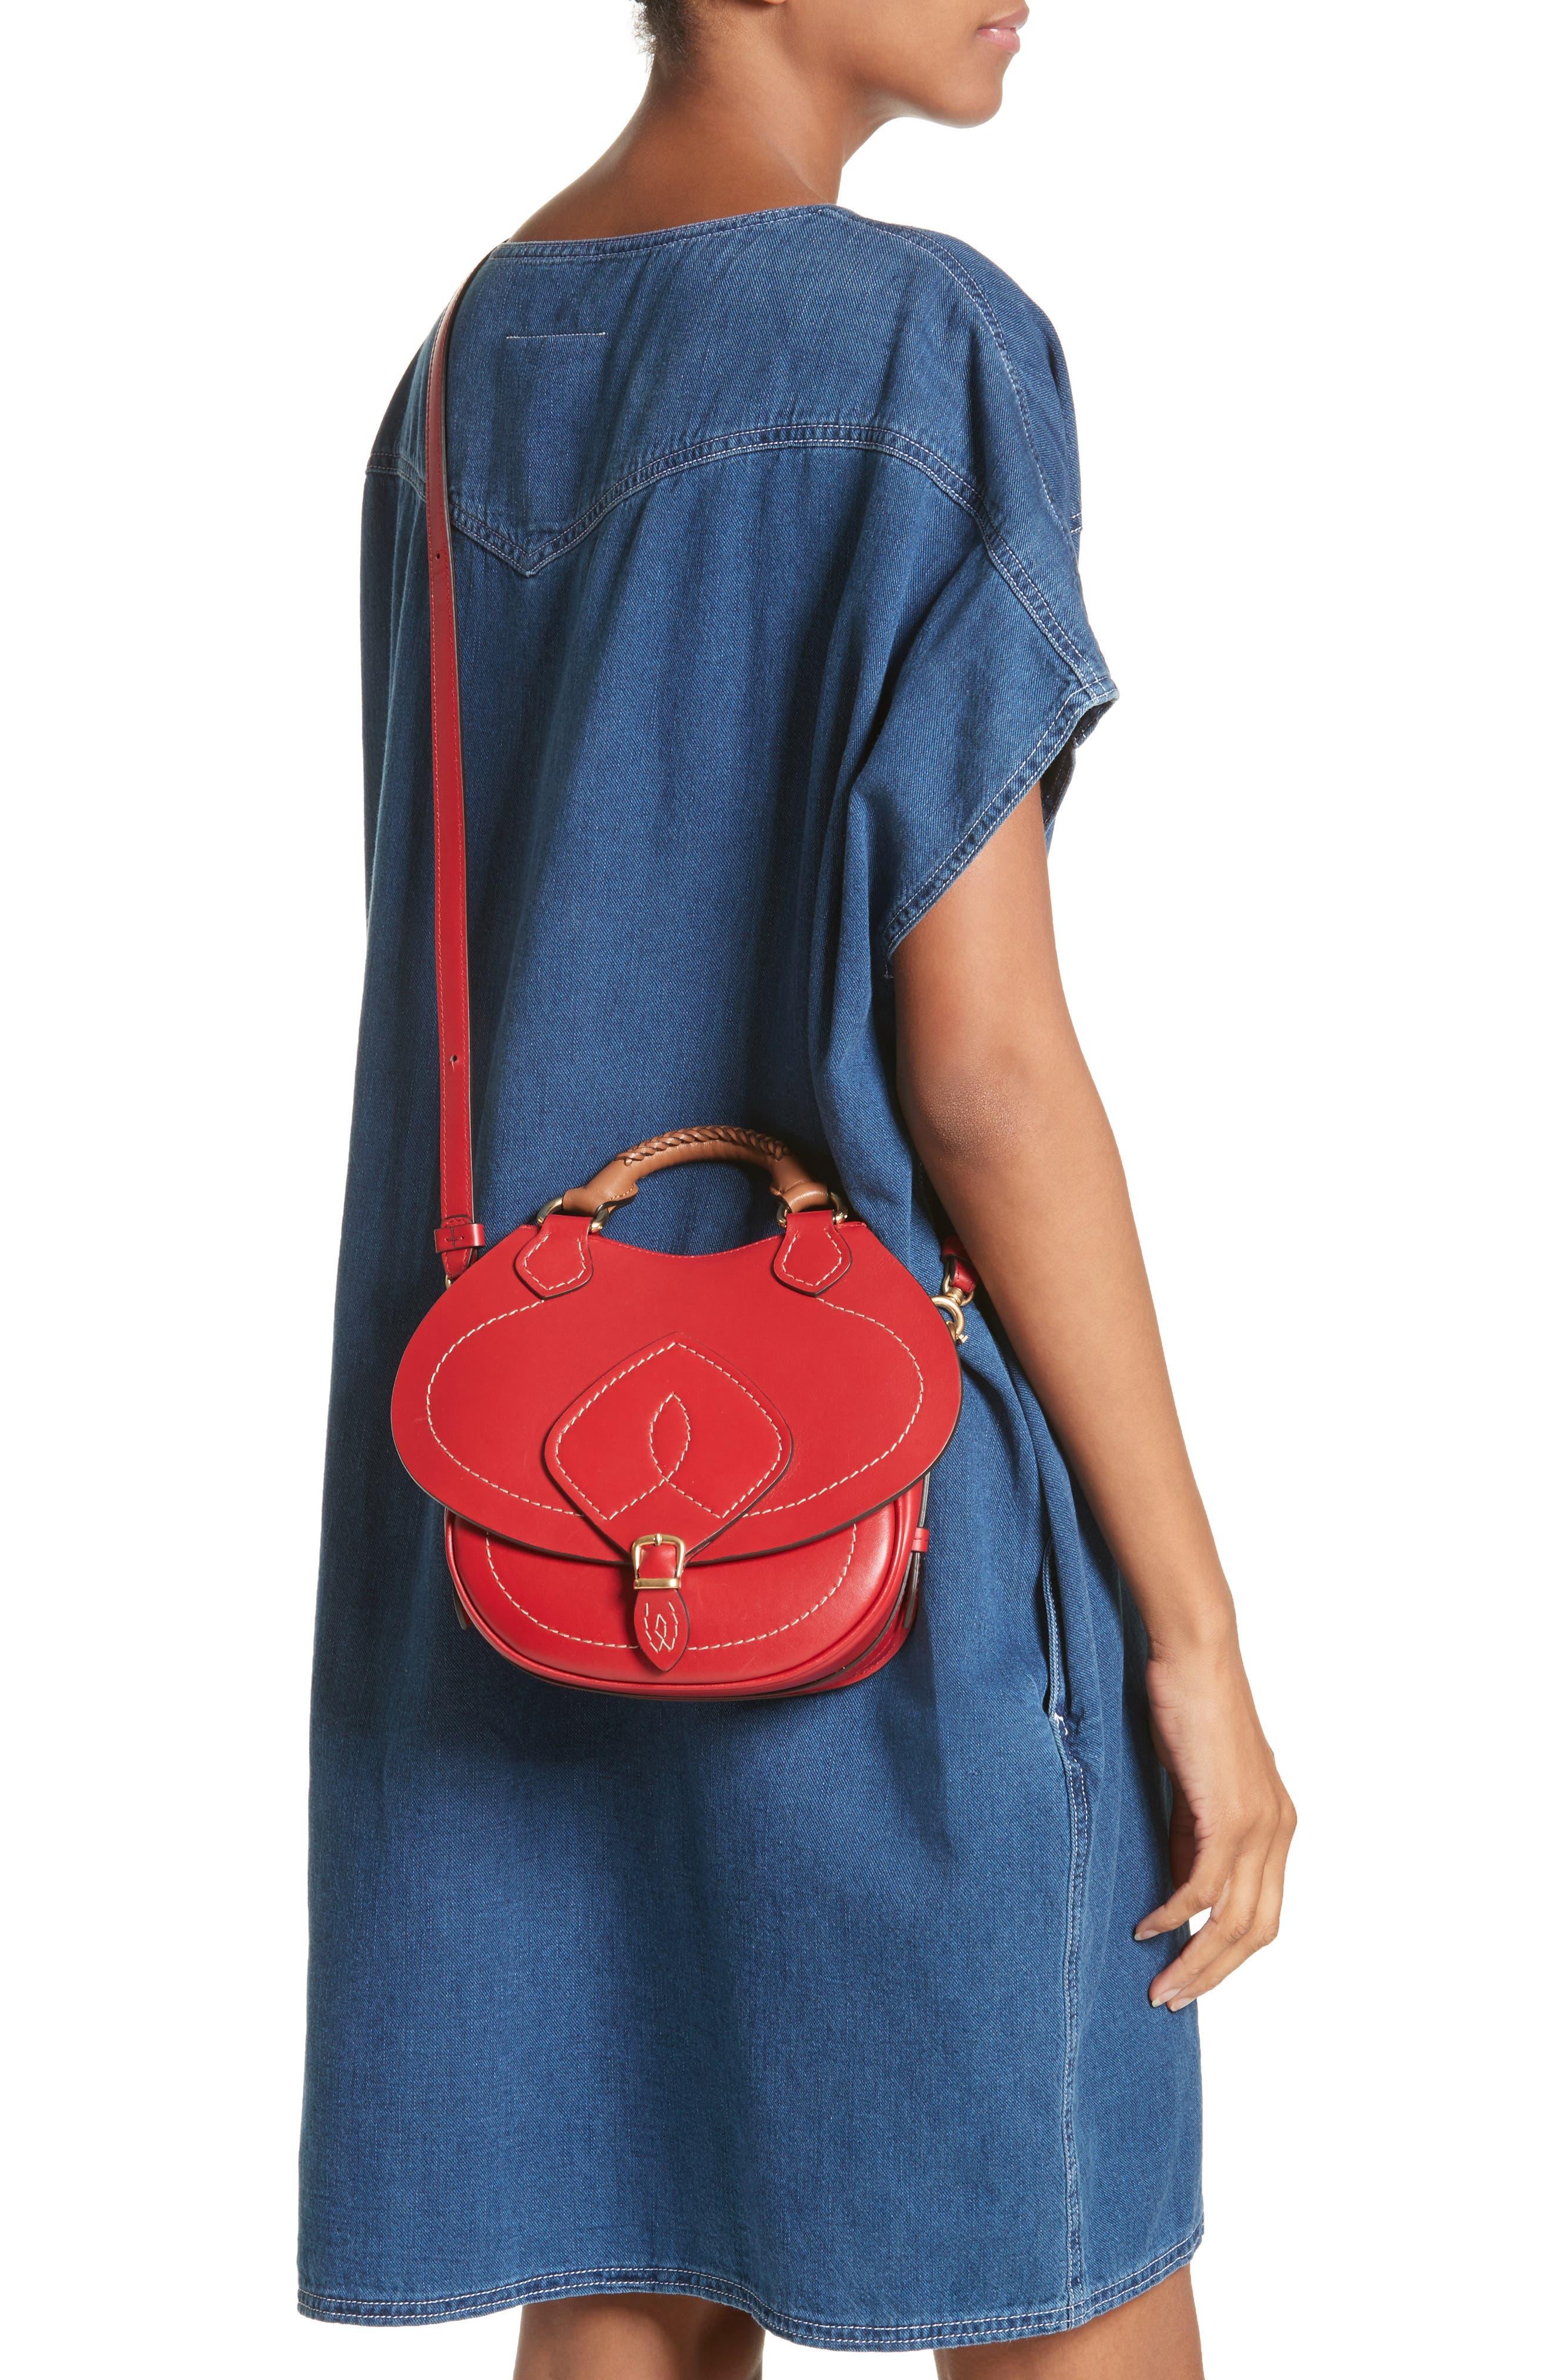 Small Bag-Slide Leather Shoulder Bag,                             Alternate thumbnail 2, color,                             Red